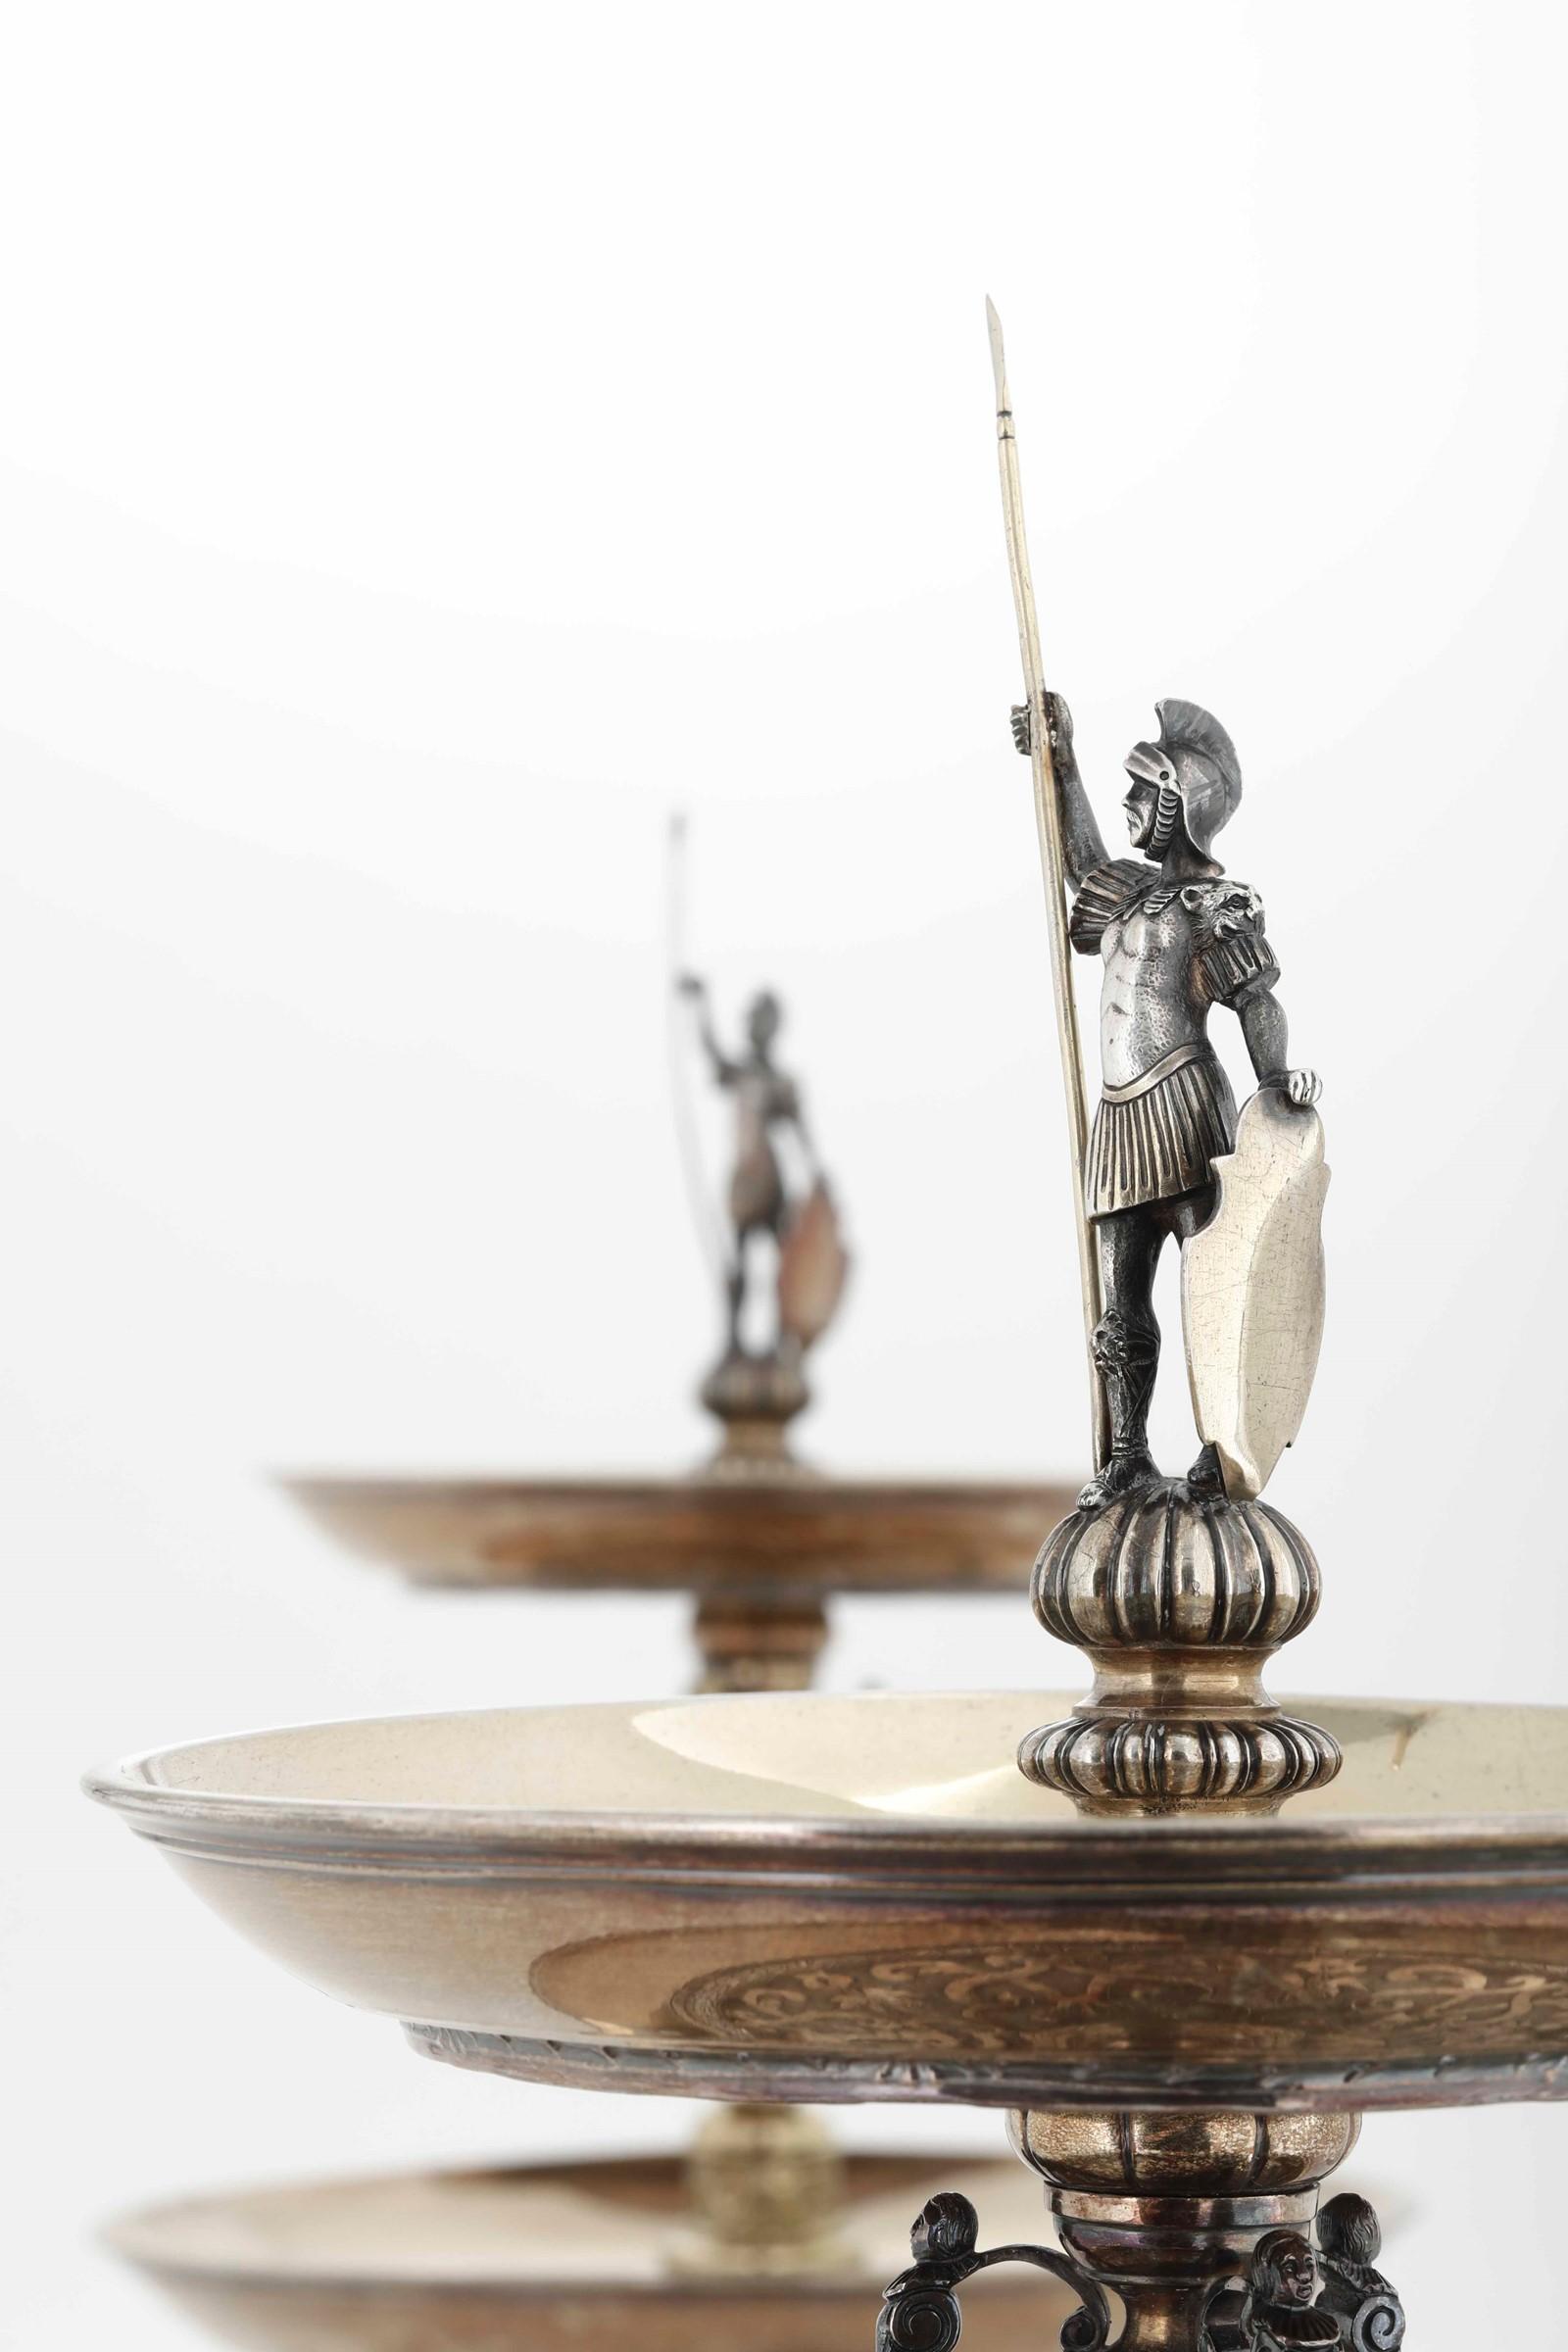 Coppia di importanti alzate in argento fuso, cesellato e dorato. Londra seconda metà [...] - Image 6 of 6